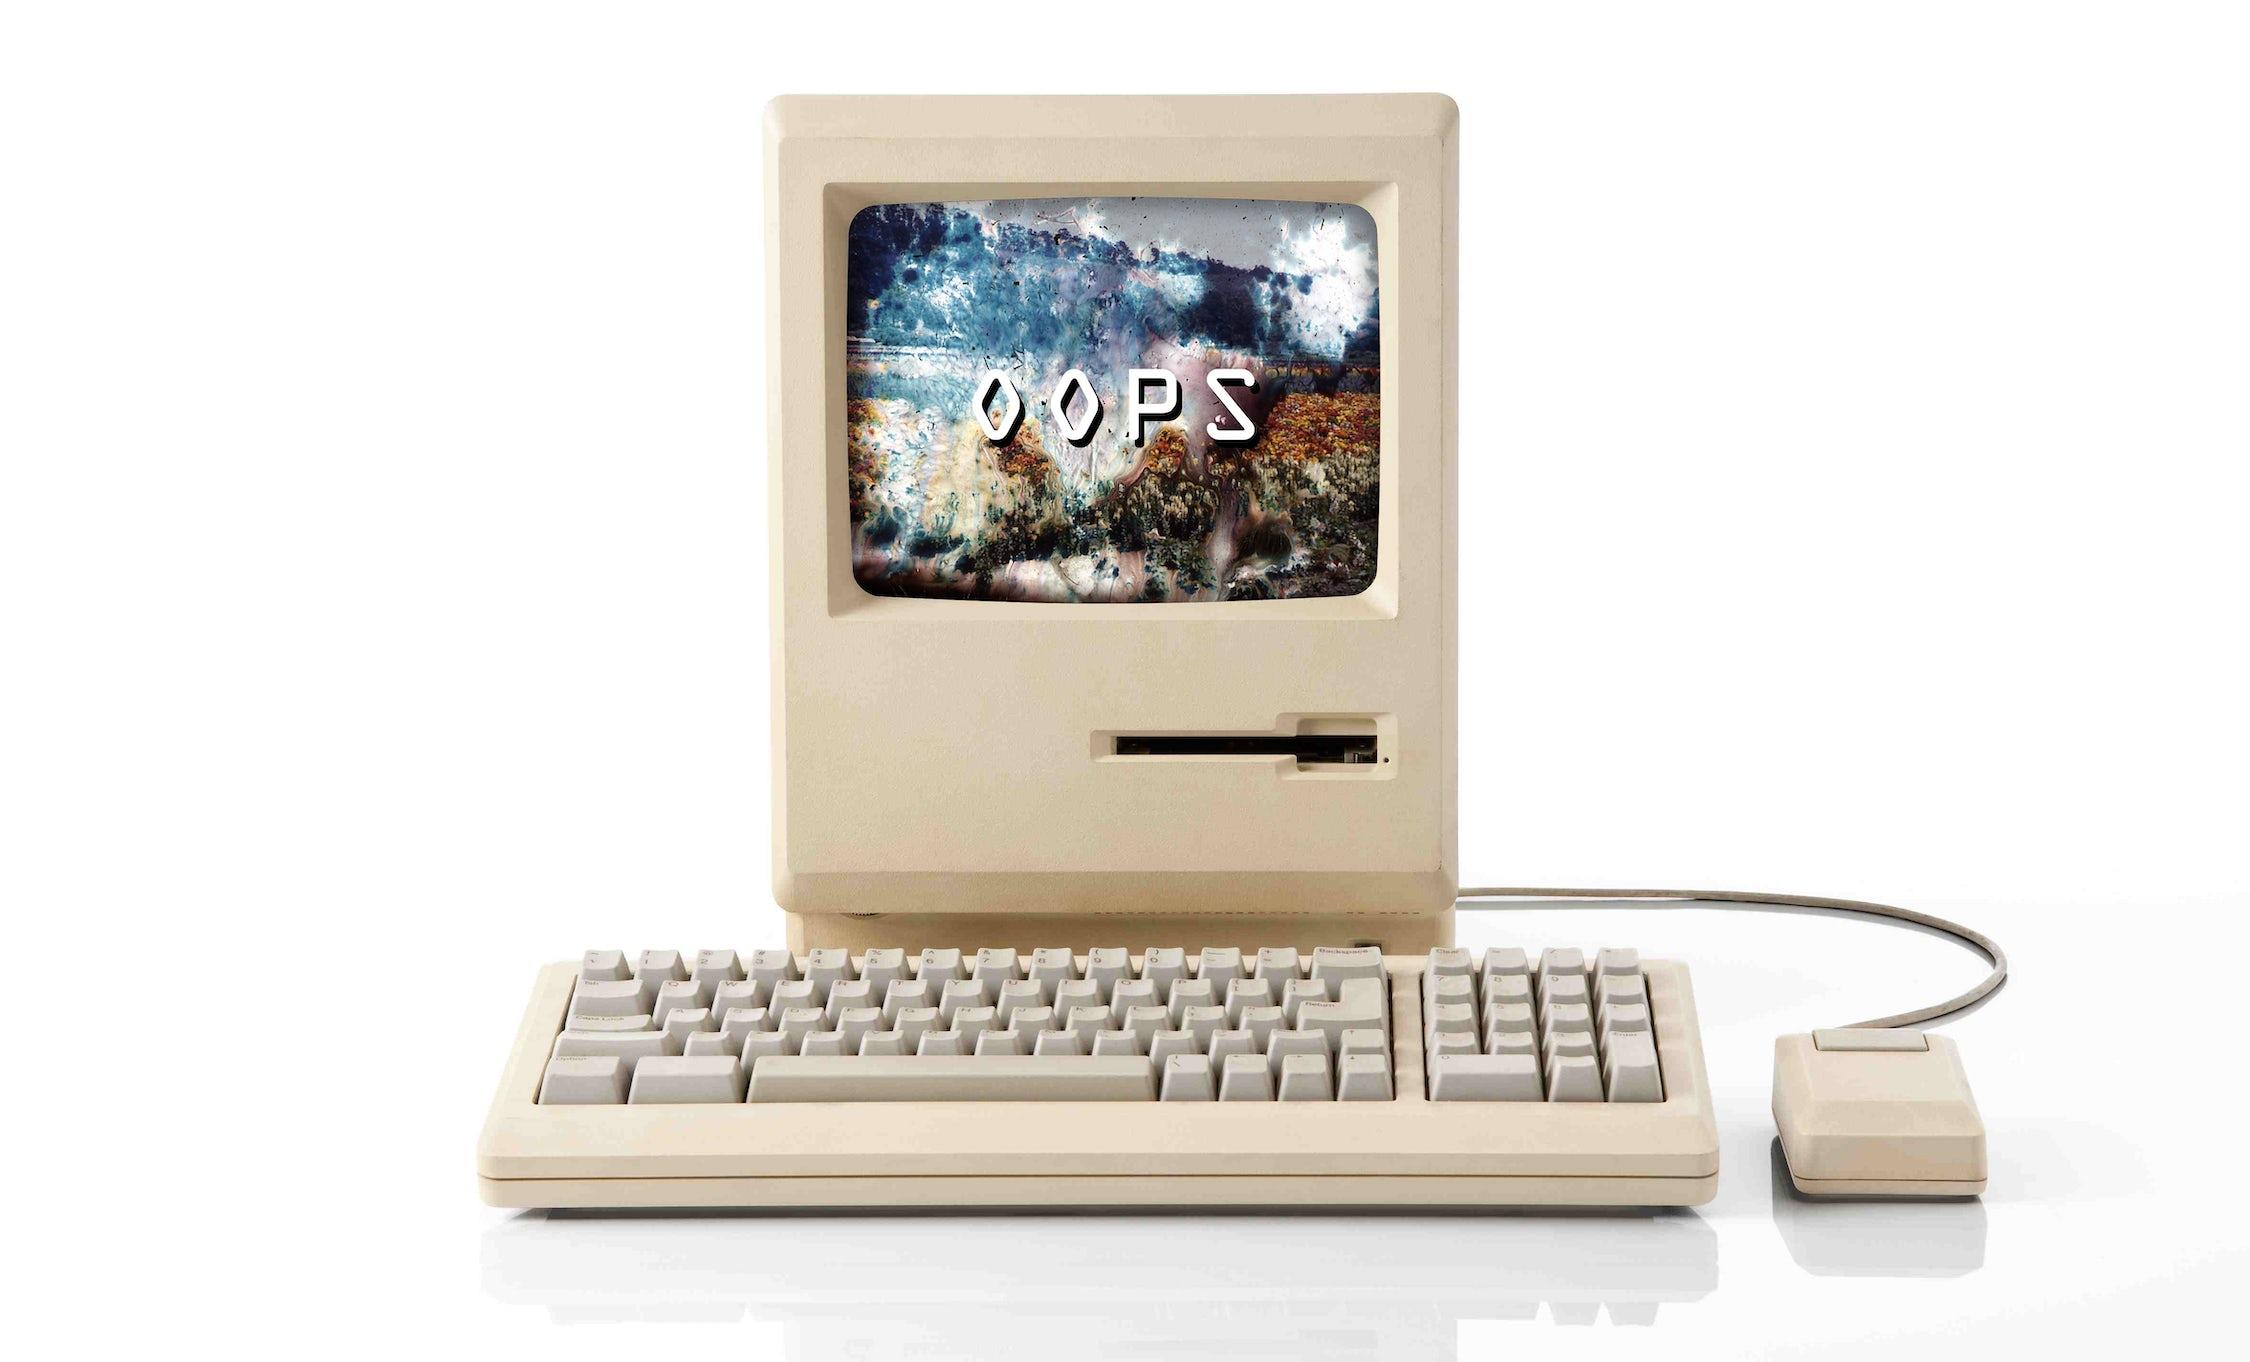 Neversink Oops Computer